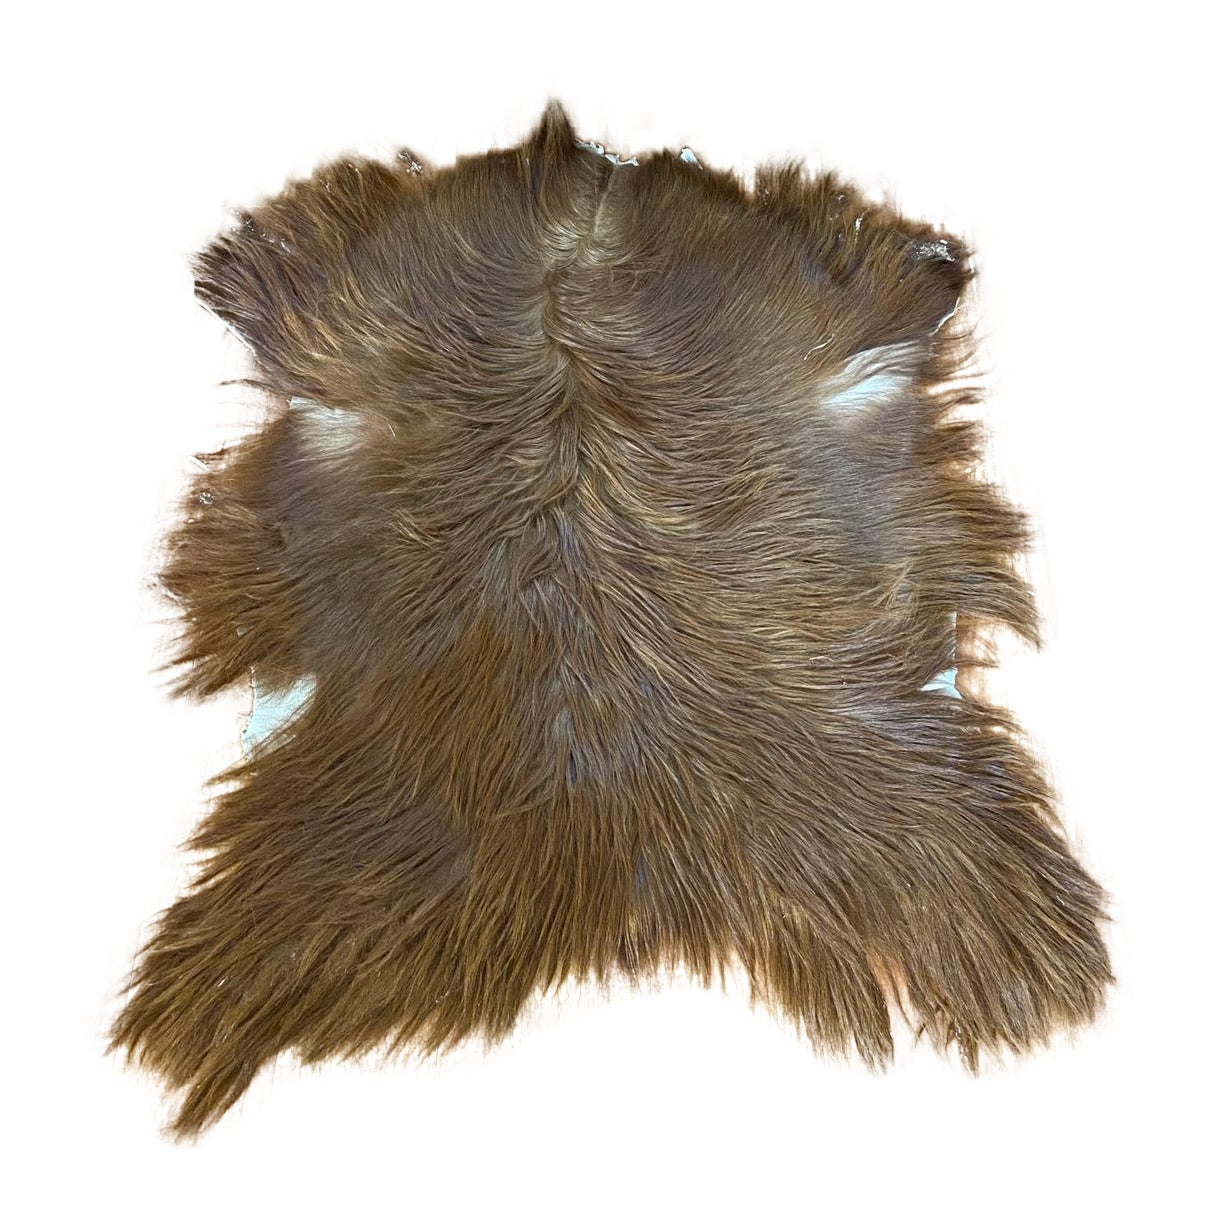 Natural Anatolian Turkish Goatskin Rug